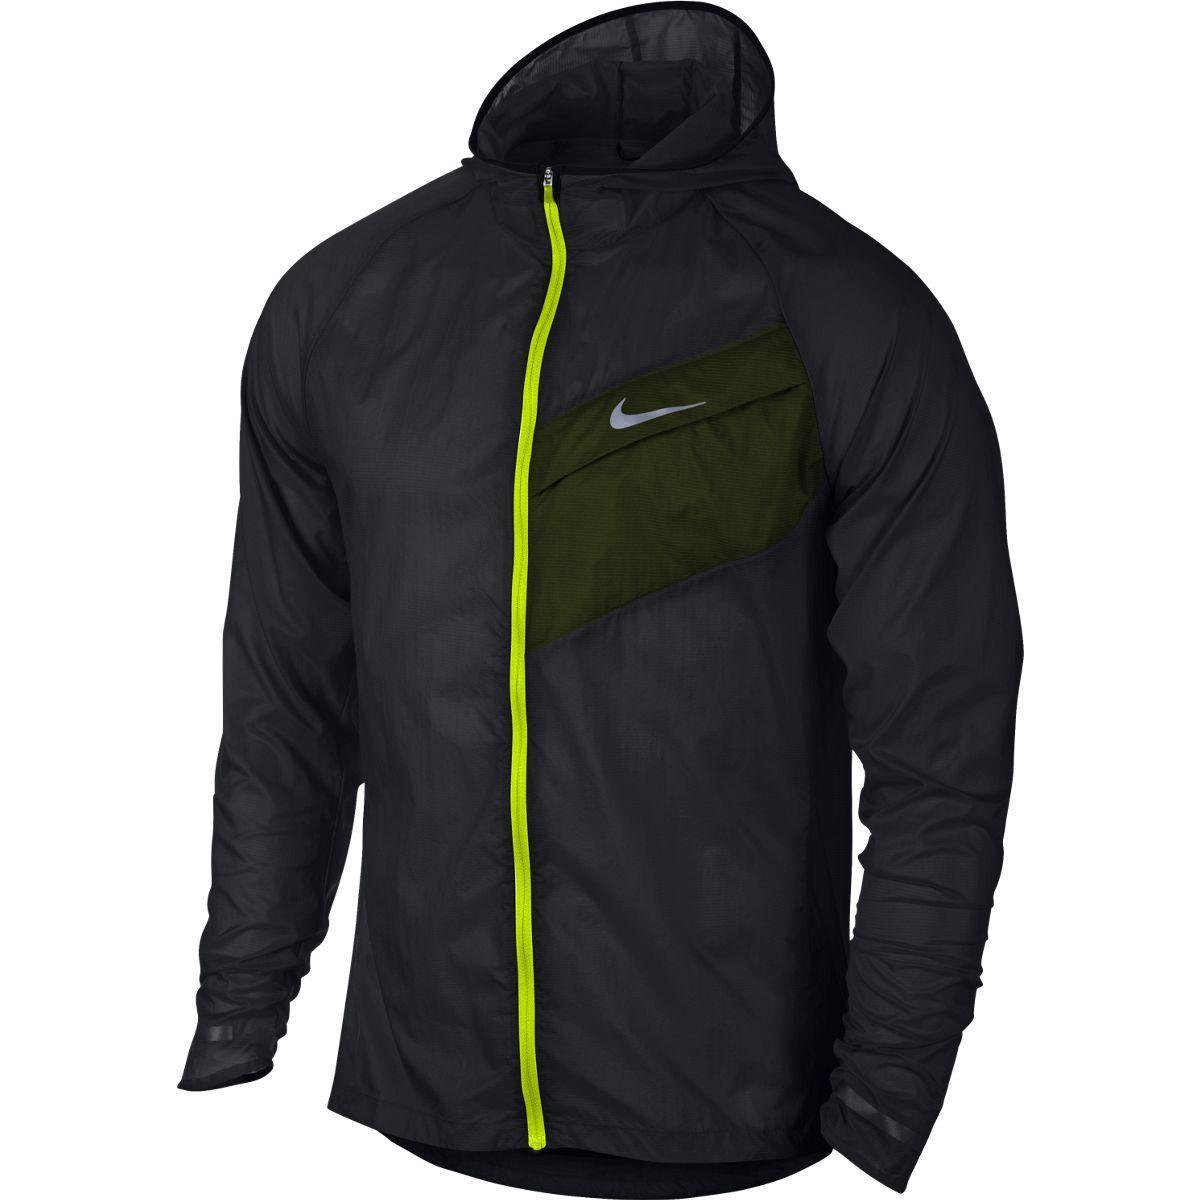 a978740fb9707 Nike Mens Impossibly Light Running Jacket - Black/Volt - Tennisnuts.com